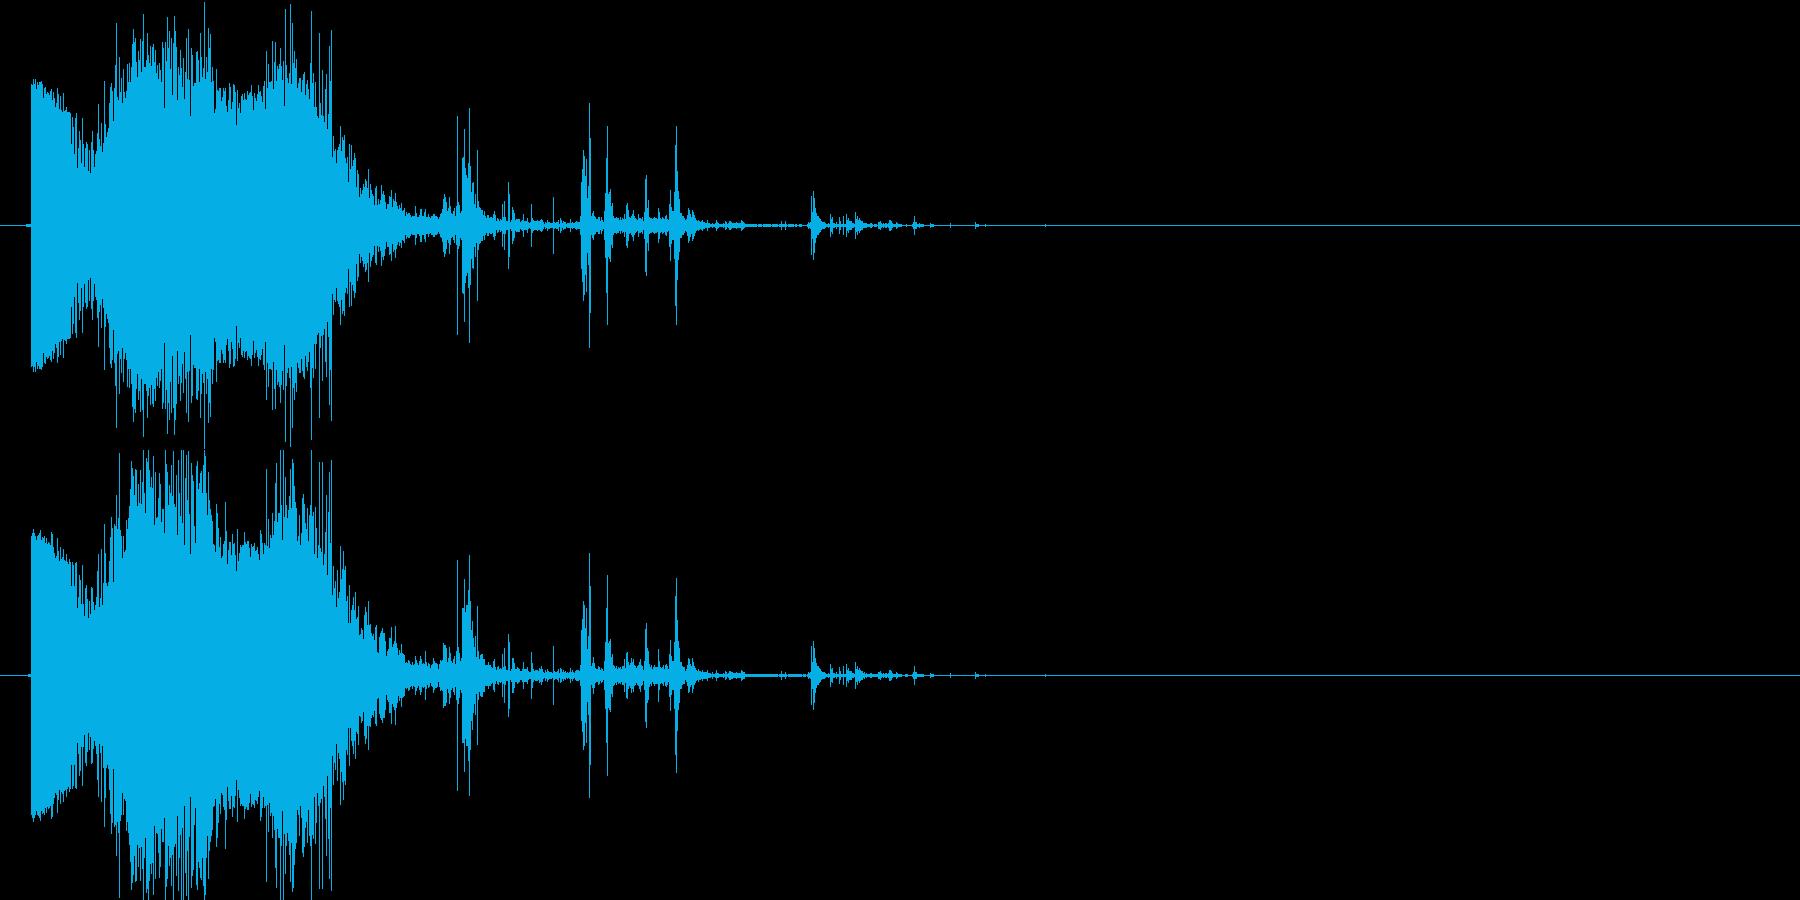 斬撃:軽めの斬撃3出血多めの再生済みの波形